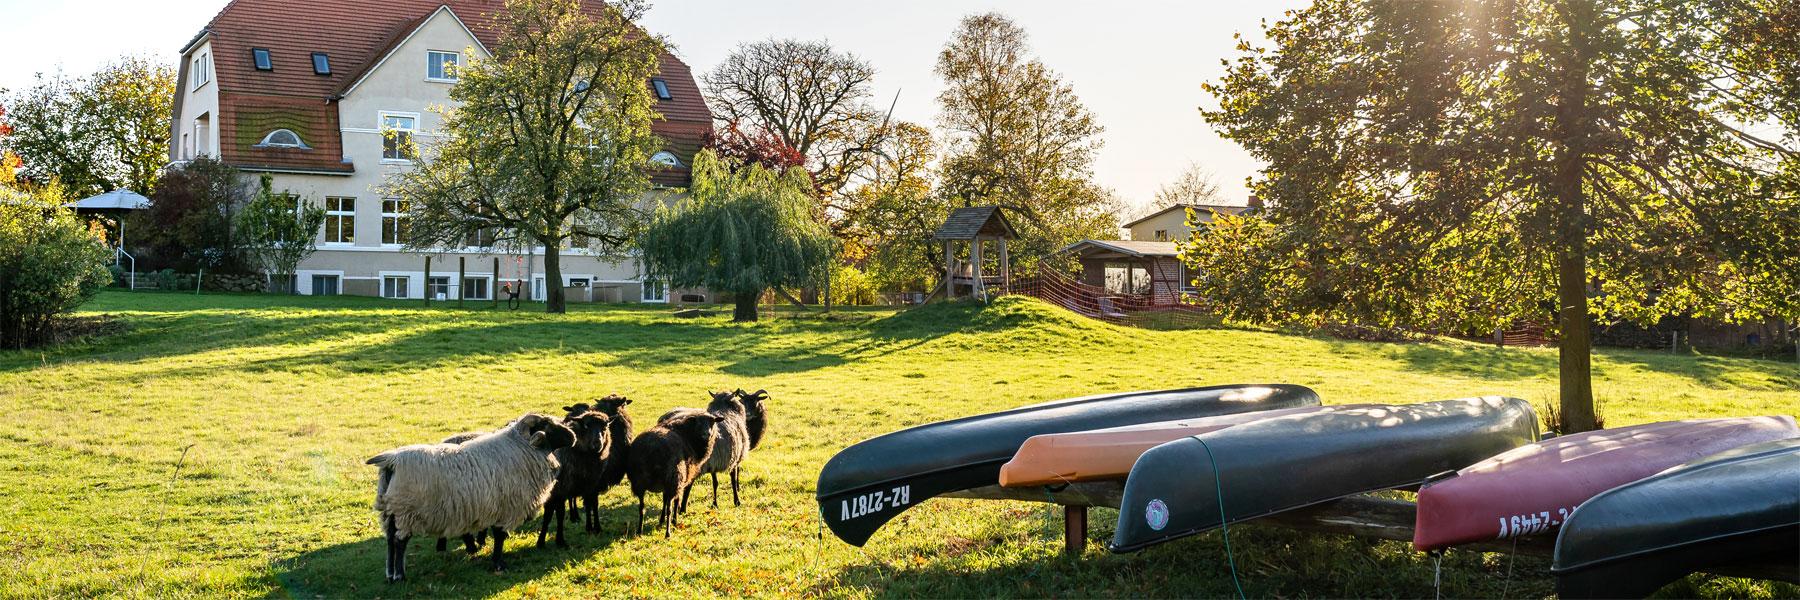 Schafe - Gutshaus Barkow